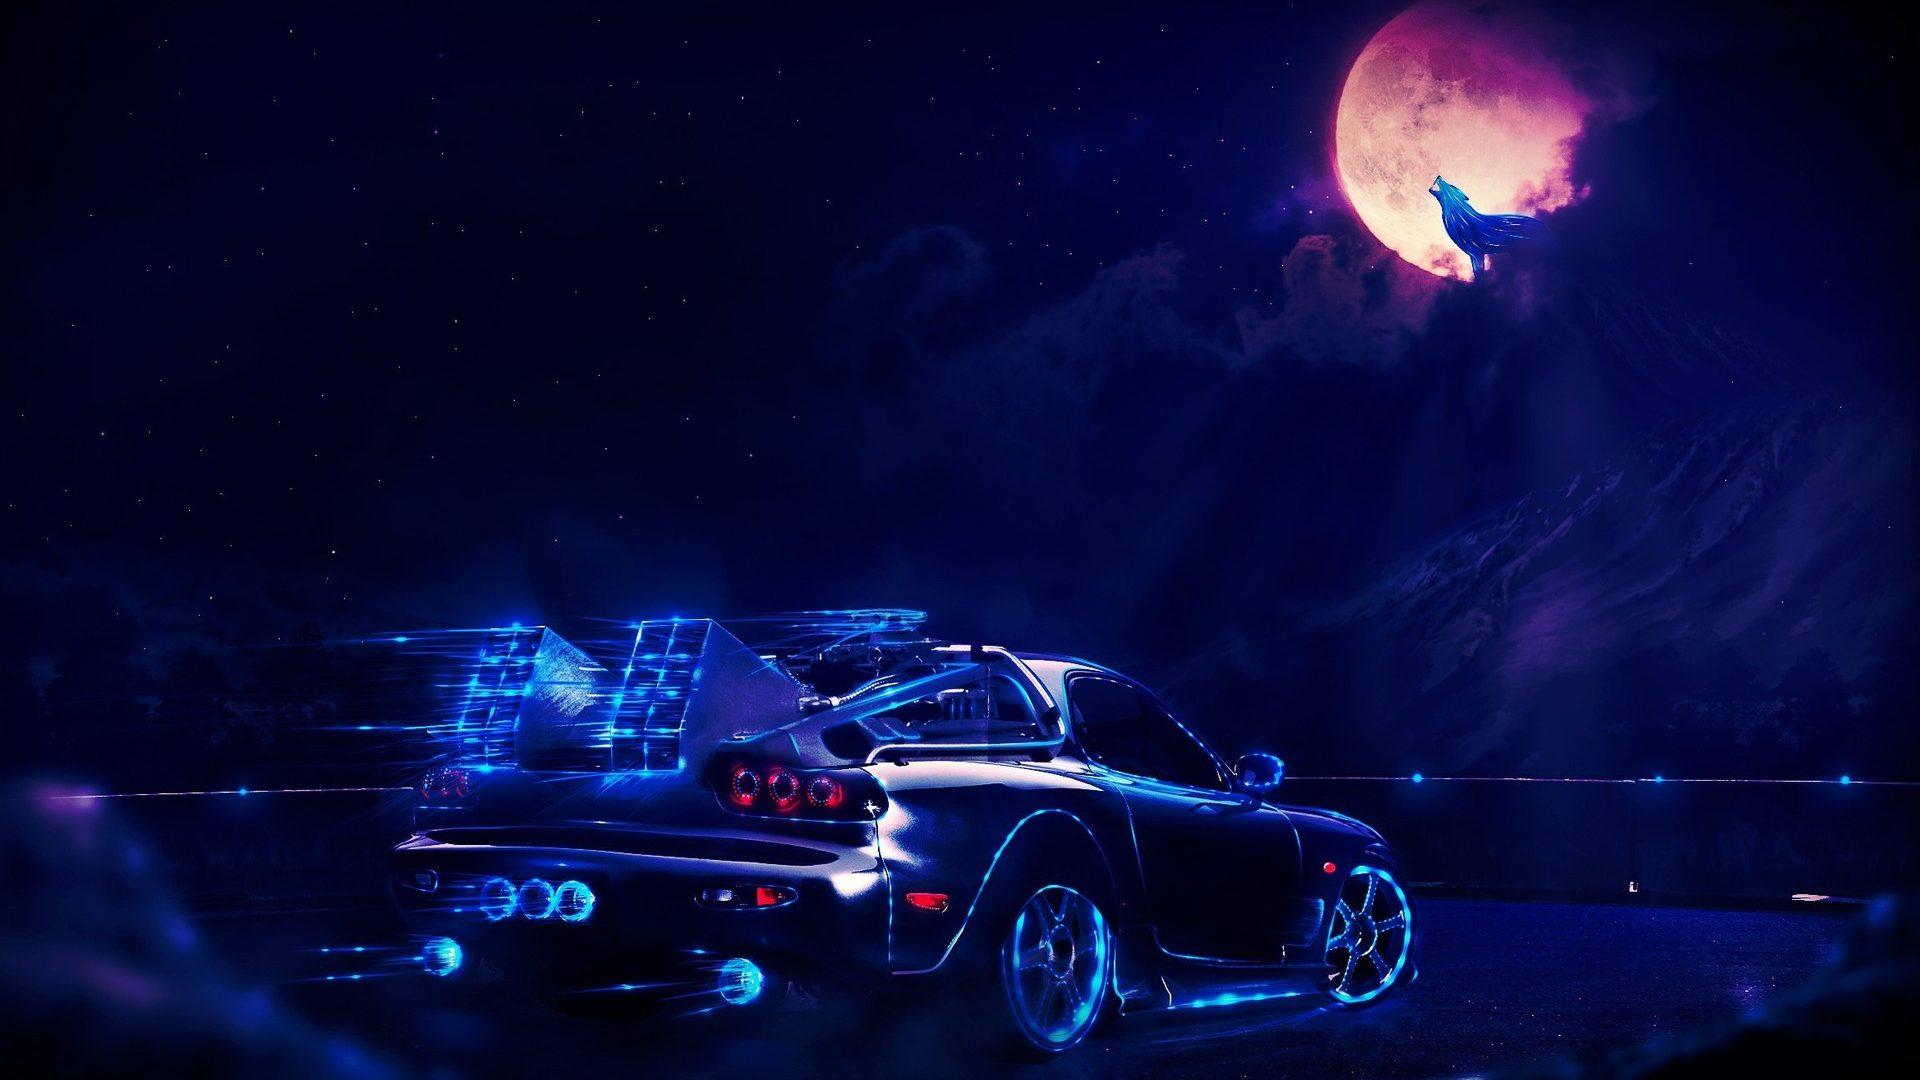 Back To The Future Delorean At Night Hd Wallpaper